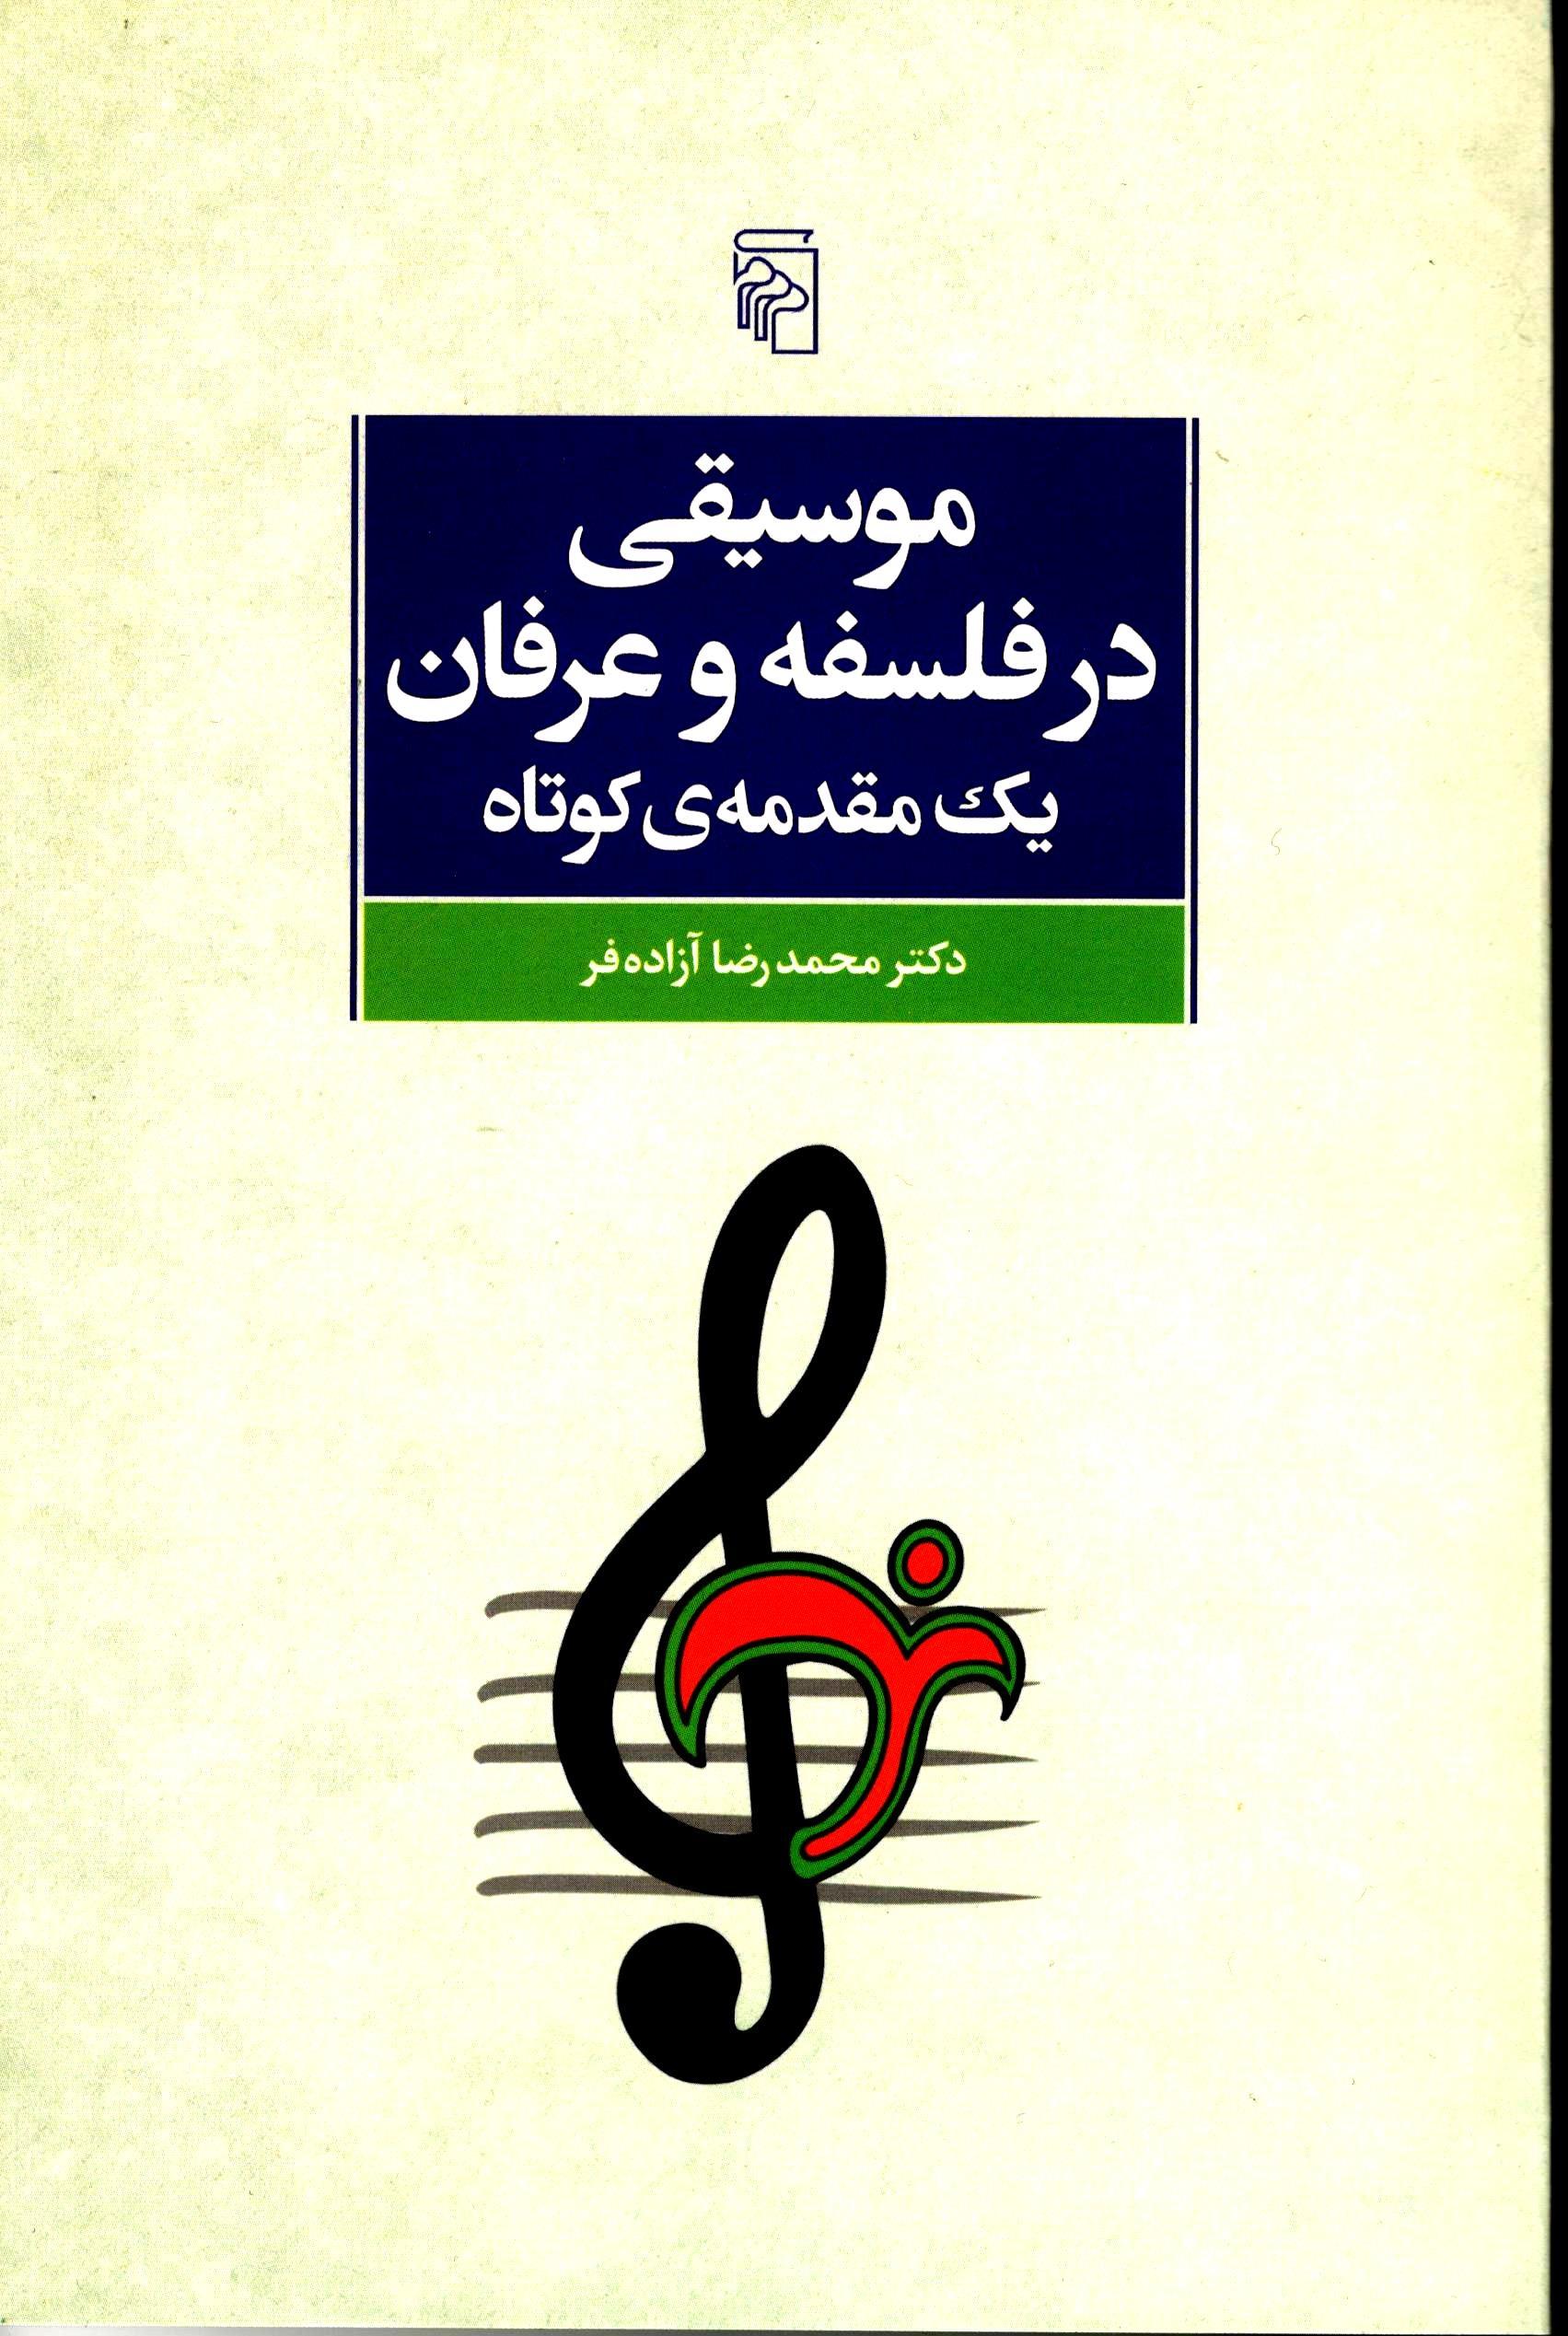 موسیقی در فلسفه و عرفان